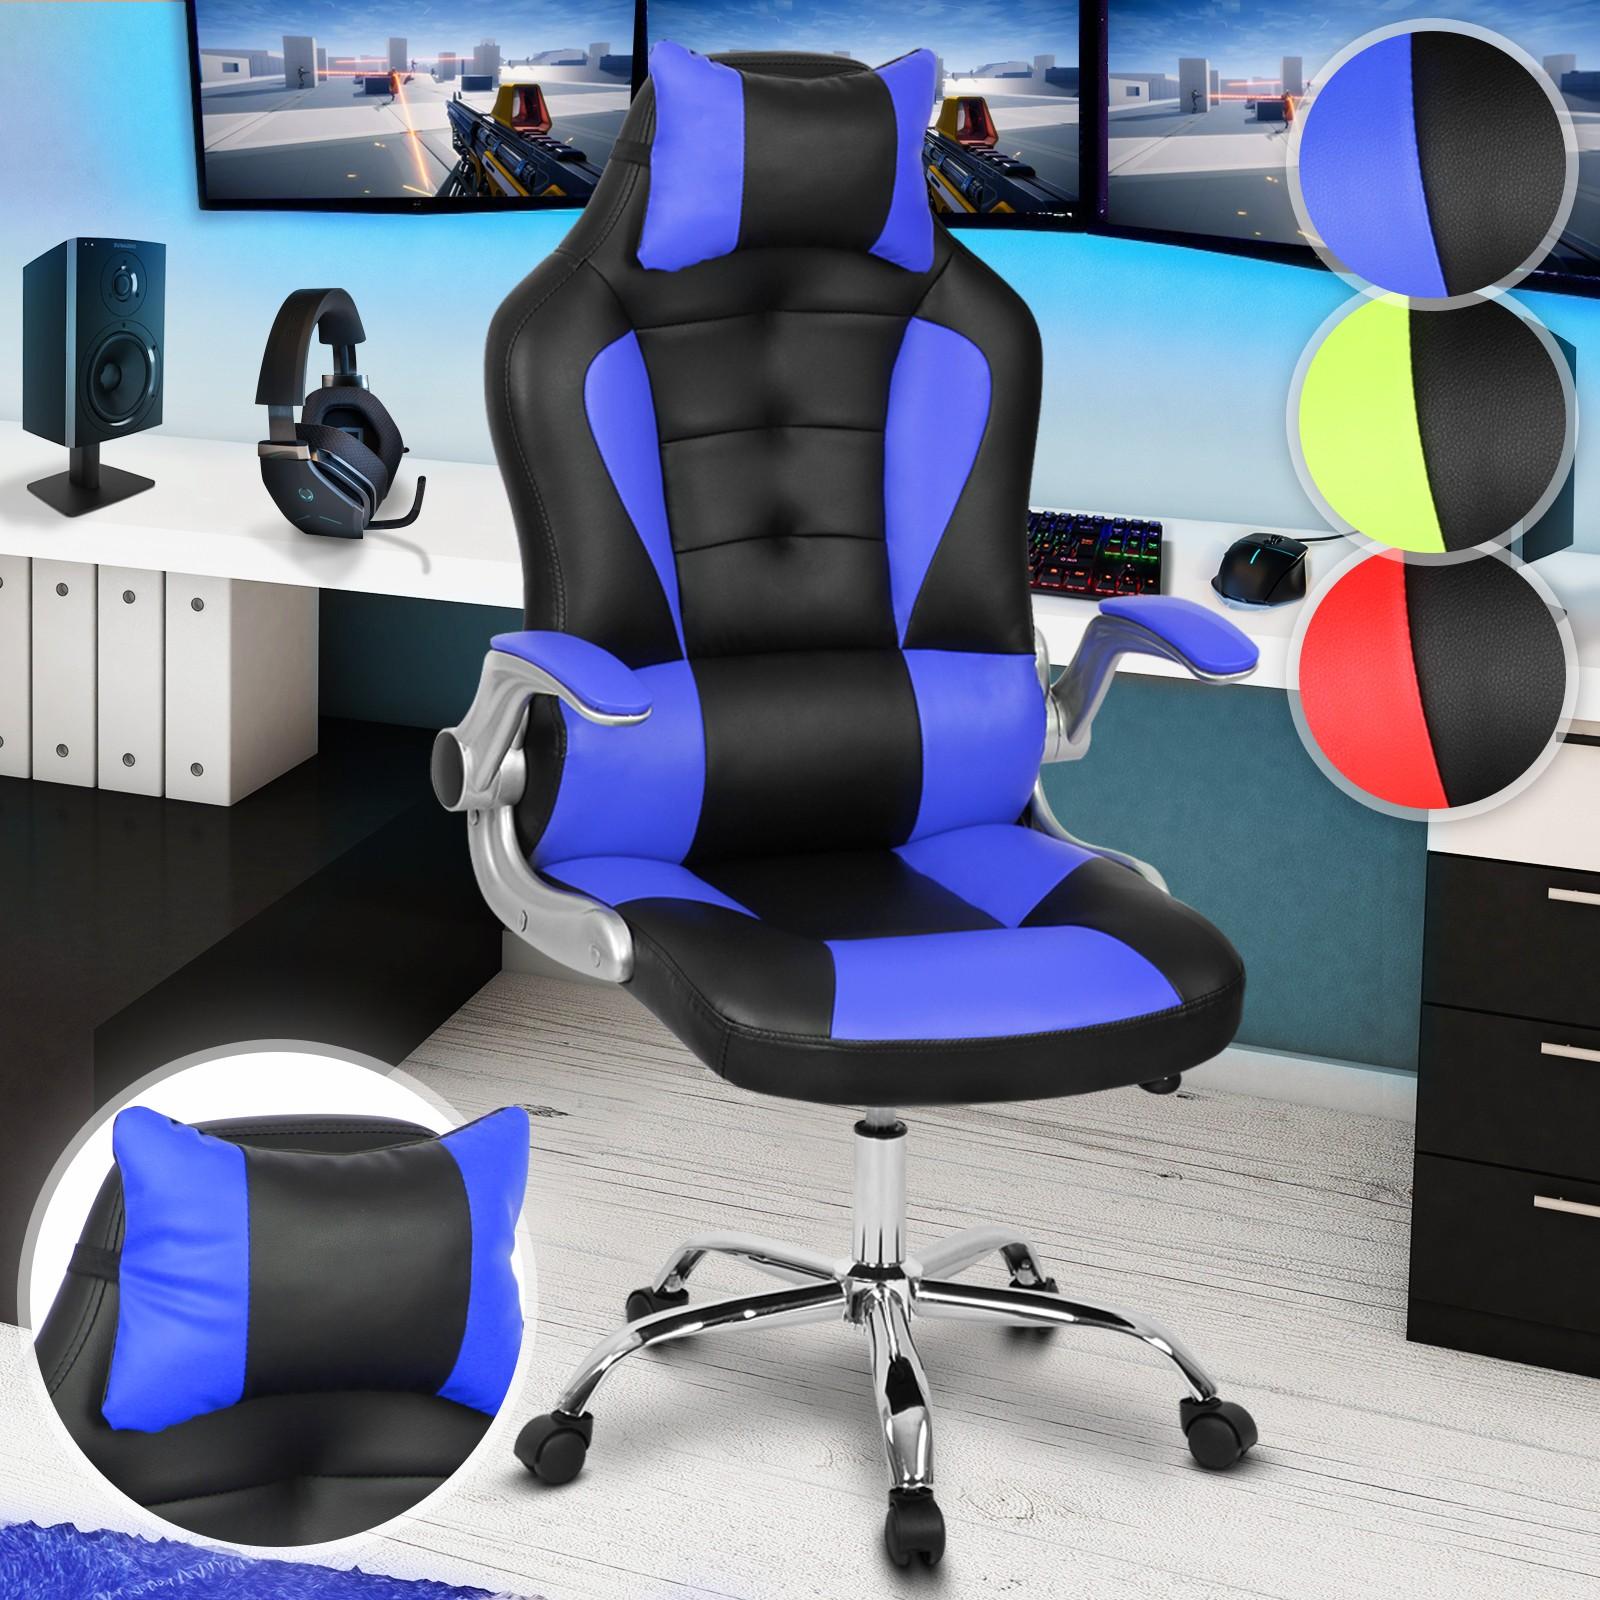 Sedie Regolabili Sedia Da Ufficio.Sedia Da Gioco Gaming Ufficio Ergonomica Poltrona Girevole Altezza